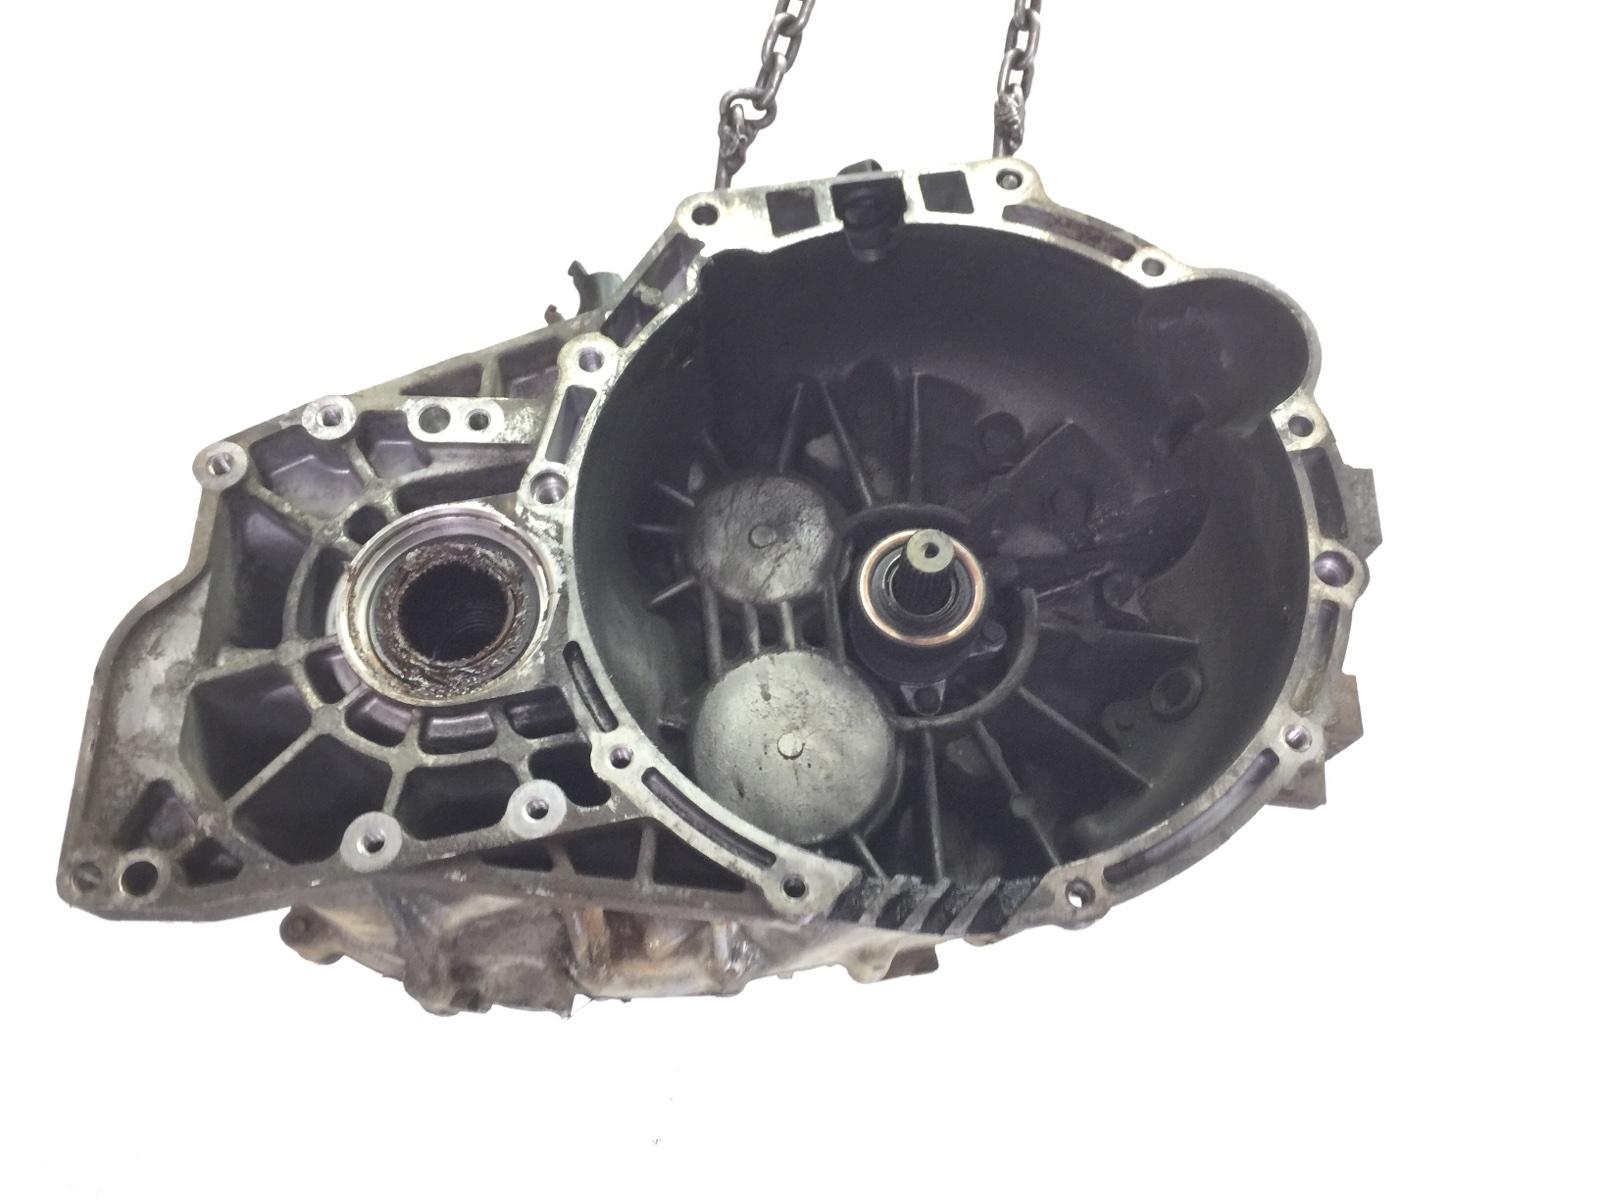 Кпп механическая (мкпп) Hyundai Santa Fe 2.2 CRDI 2007 (б/у)